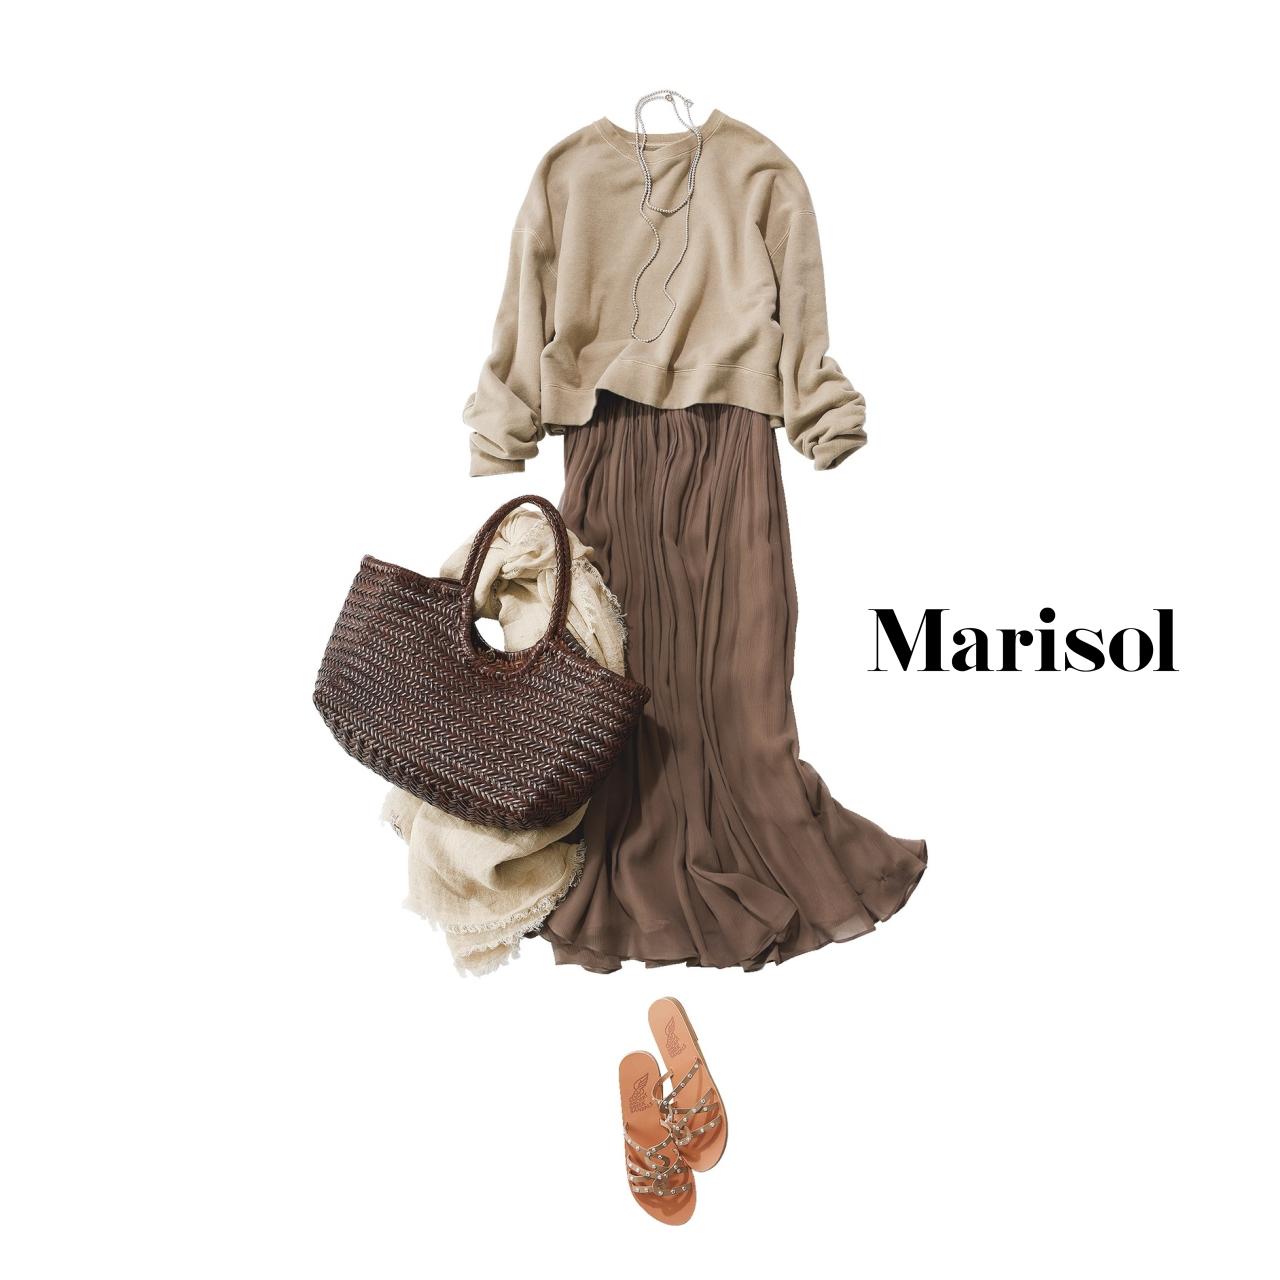 40代ファッション ベージュスウェット×シルクロングスカートコーデ